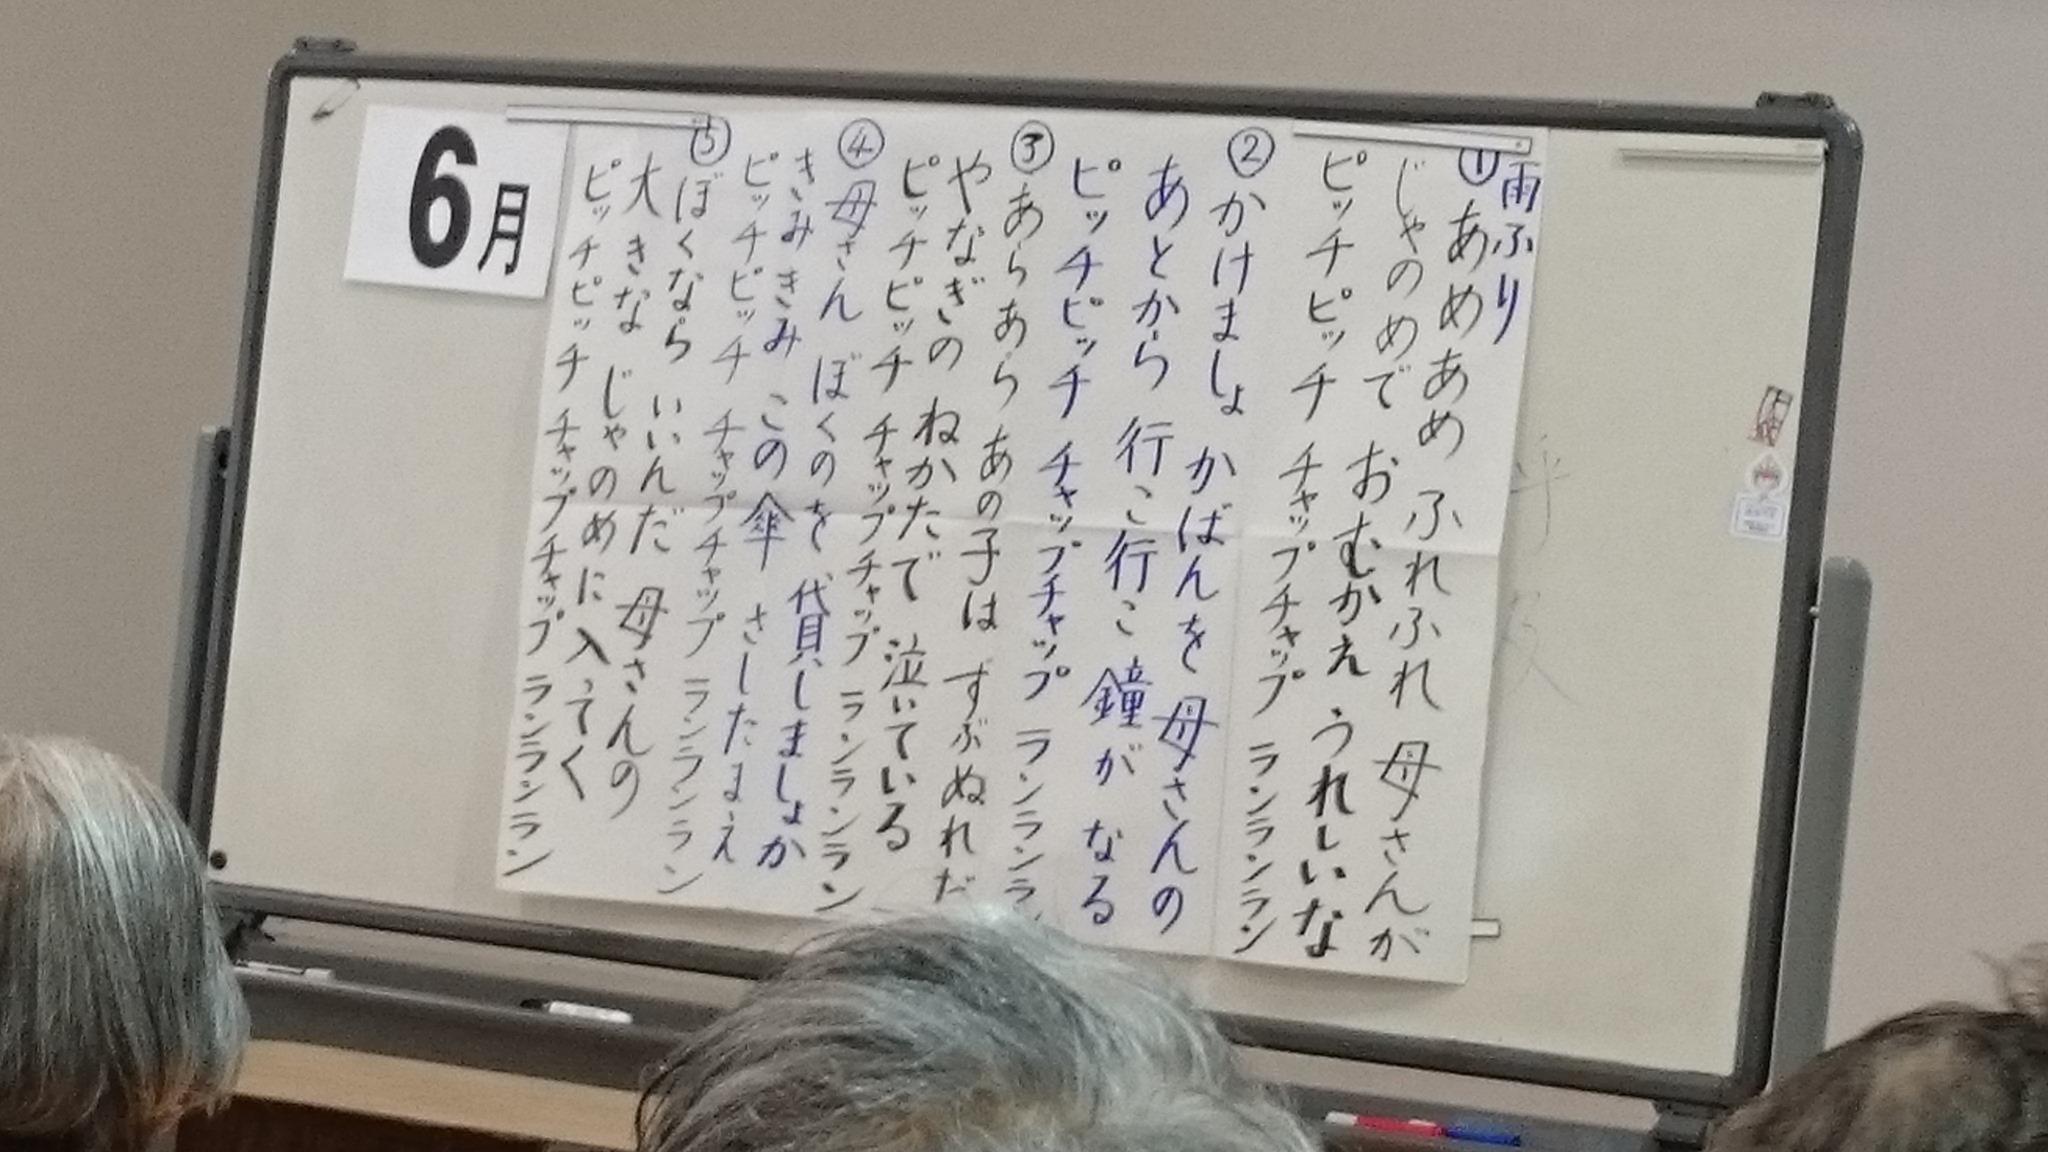 fureai-2019-6tuki-3.jpg